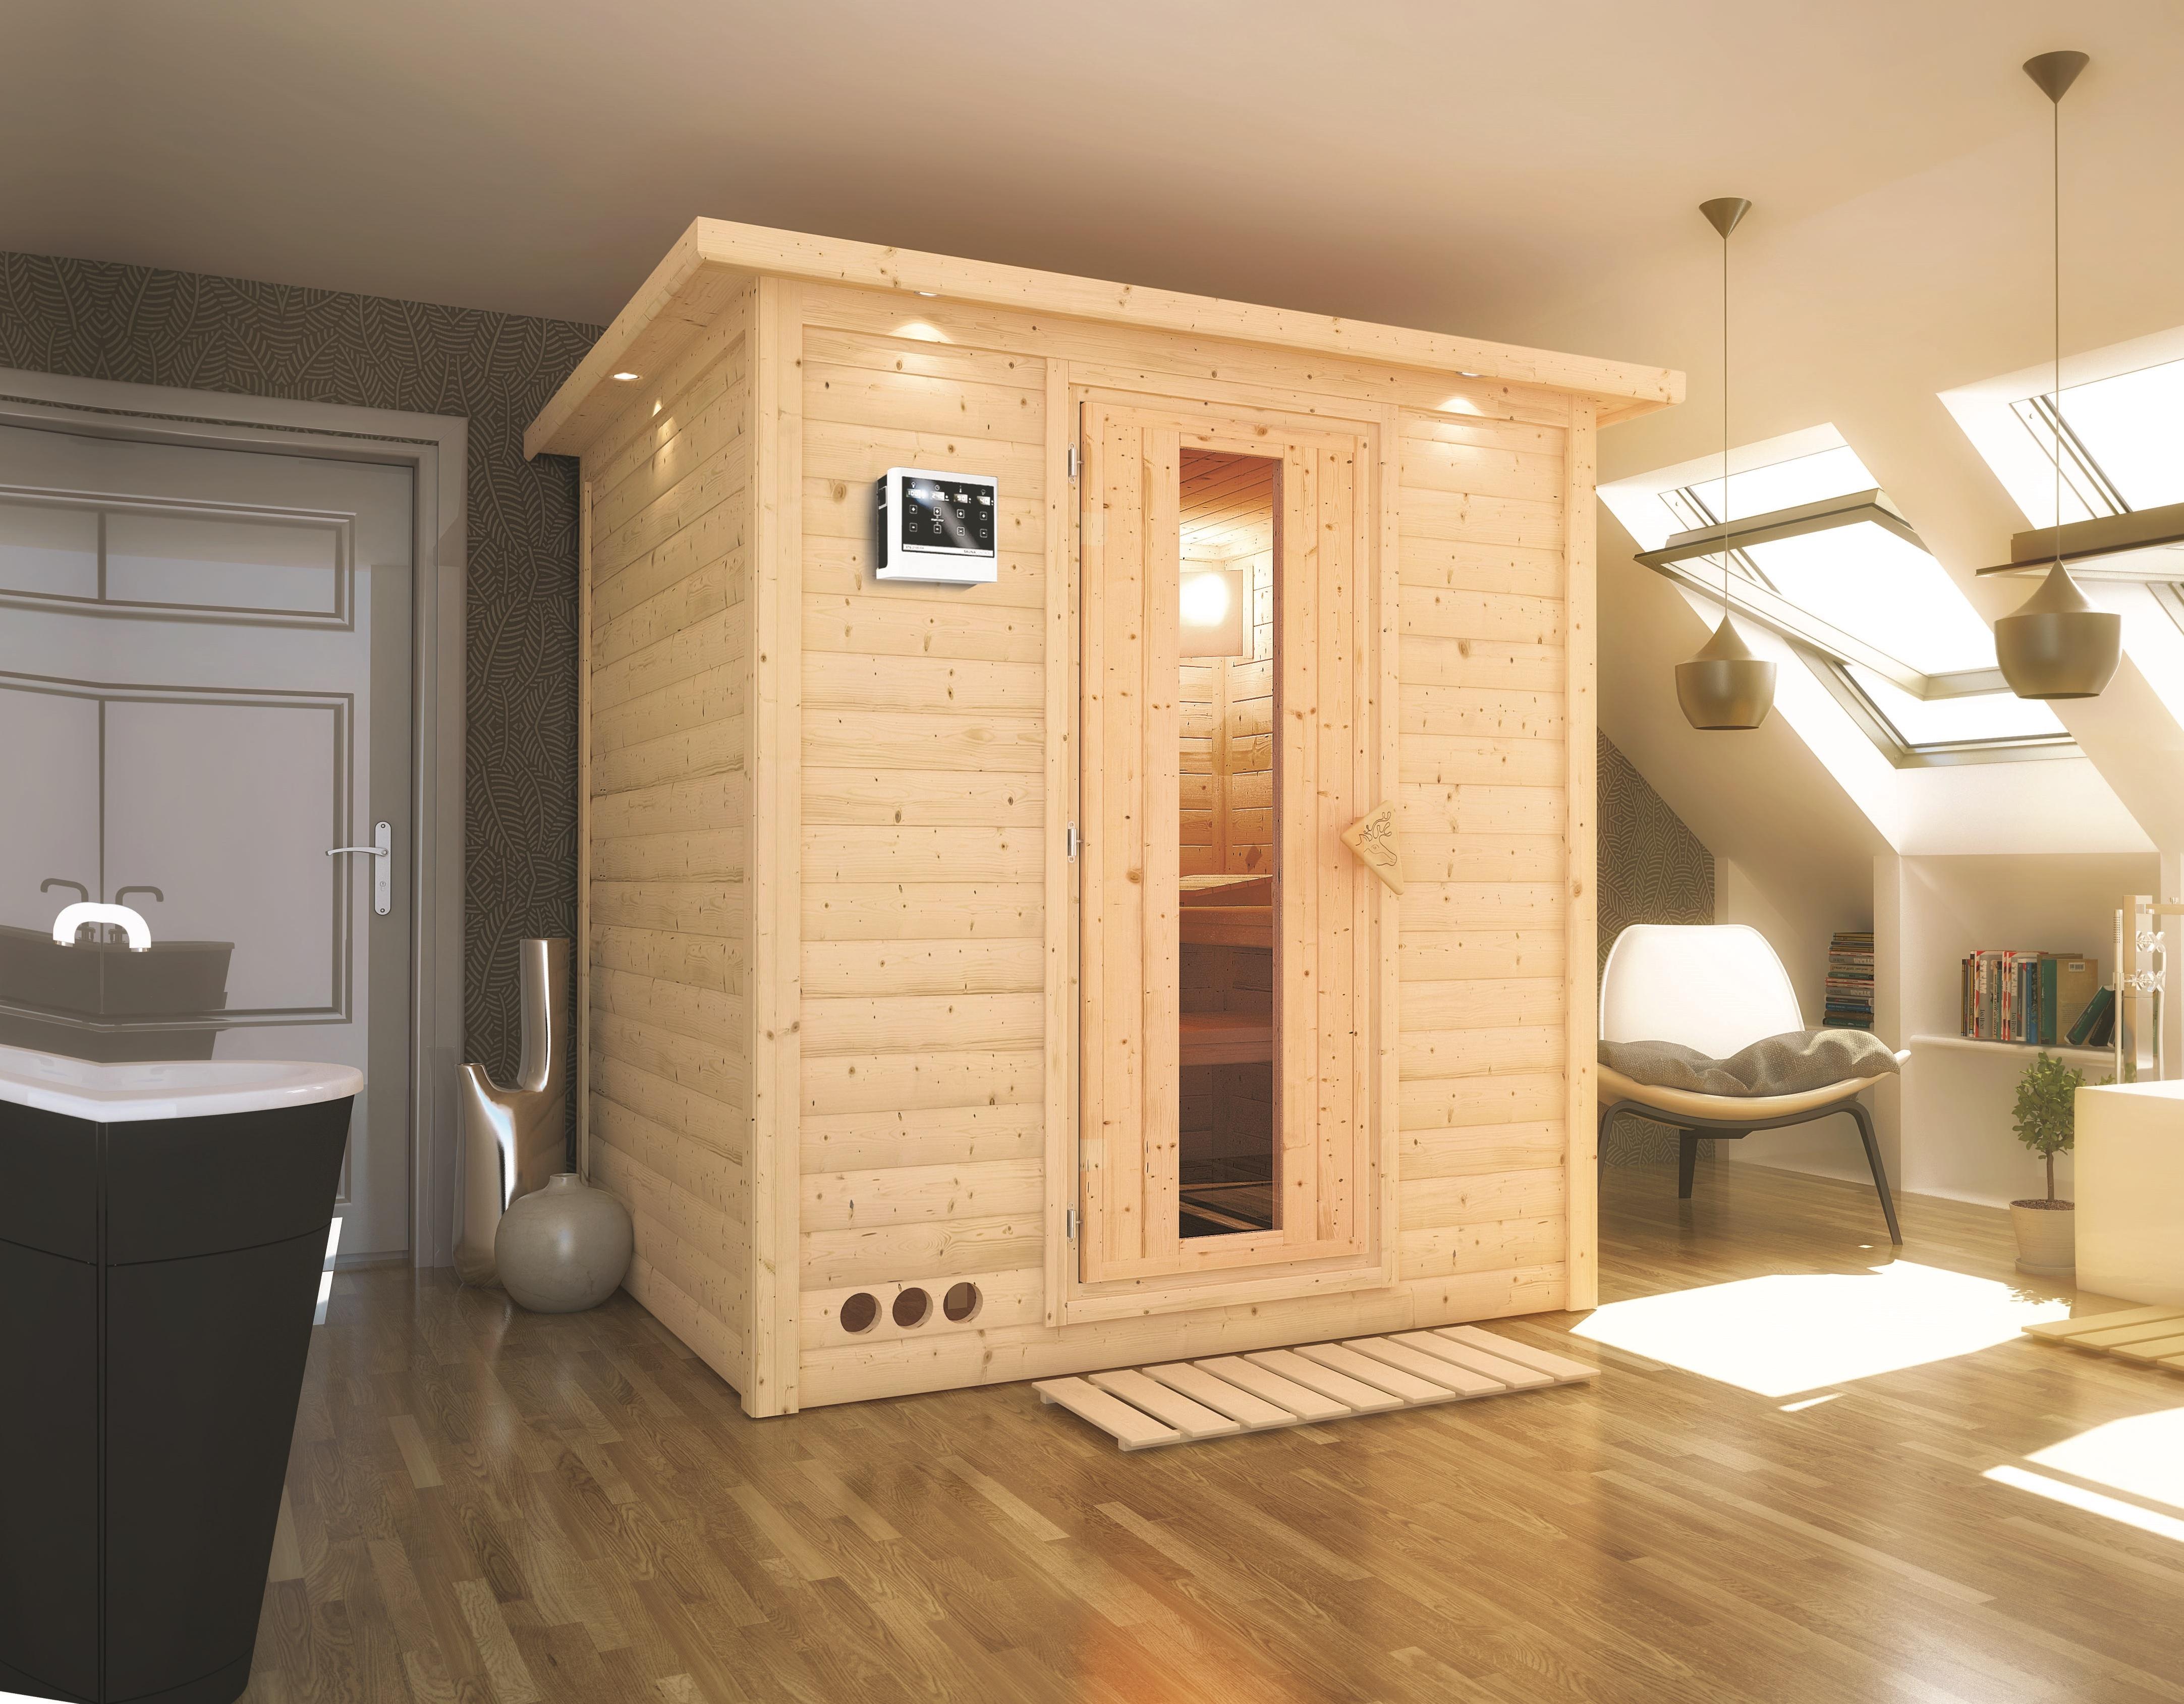 sauna heimsauna massivholz fronteinstieg 193 x 184 x 209. Black Bedroom Furniture Sets. Home Design Ideas